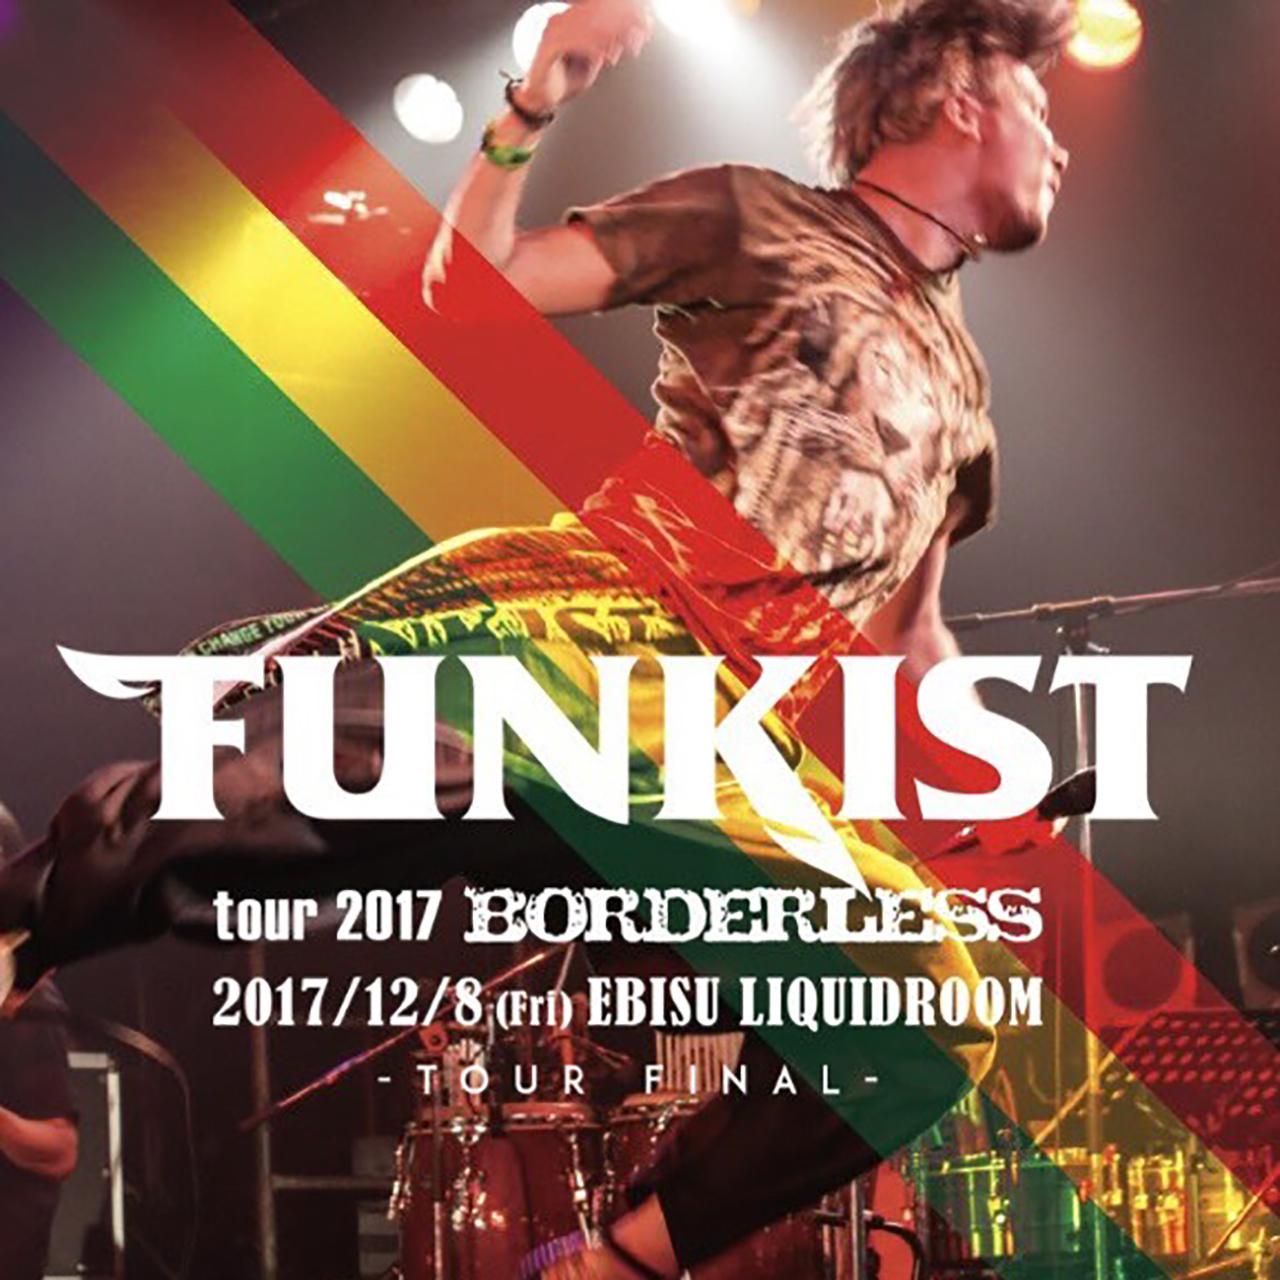 【ライブCD】FUNKIST tour 2017 『BORDERLESS』 TOUR FINAL EBISU LIQUIDROOM